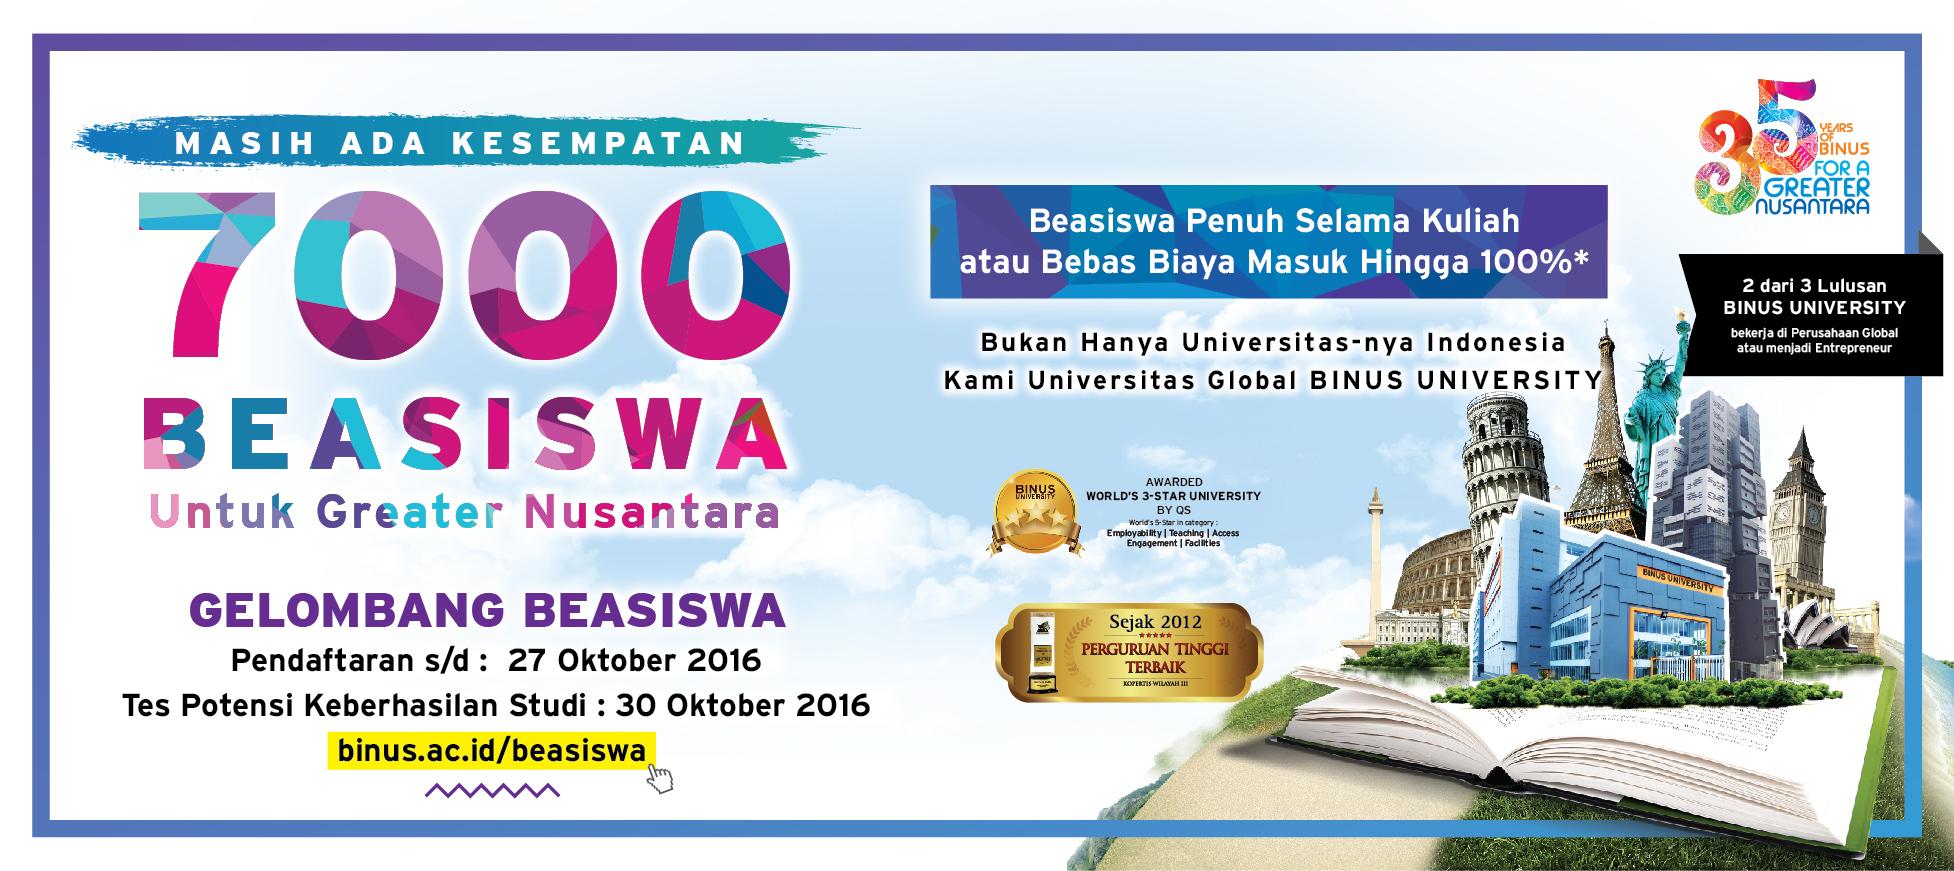 Web Banner Beasiswa 03-01 (2)